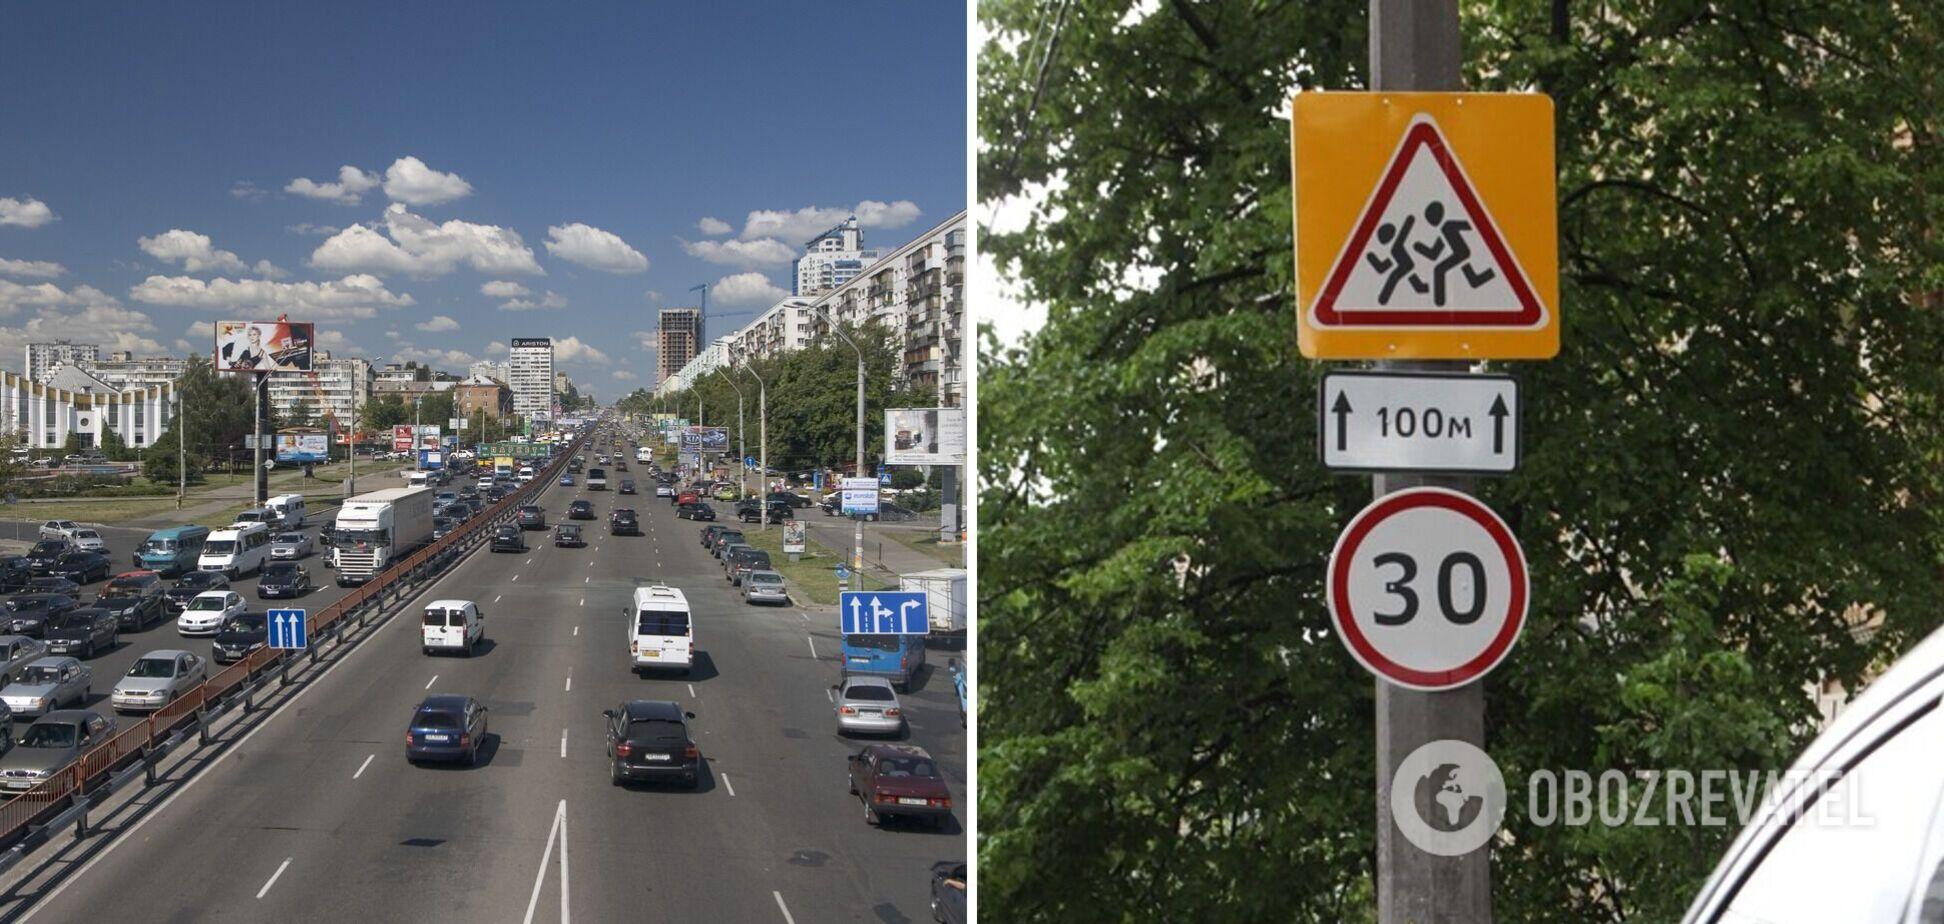 До 30 км: Obozrevatel разбирался, когда и зачем в Украине могут ввести новые ограничения скорости